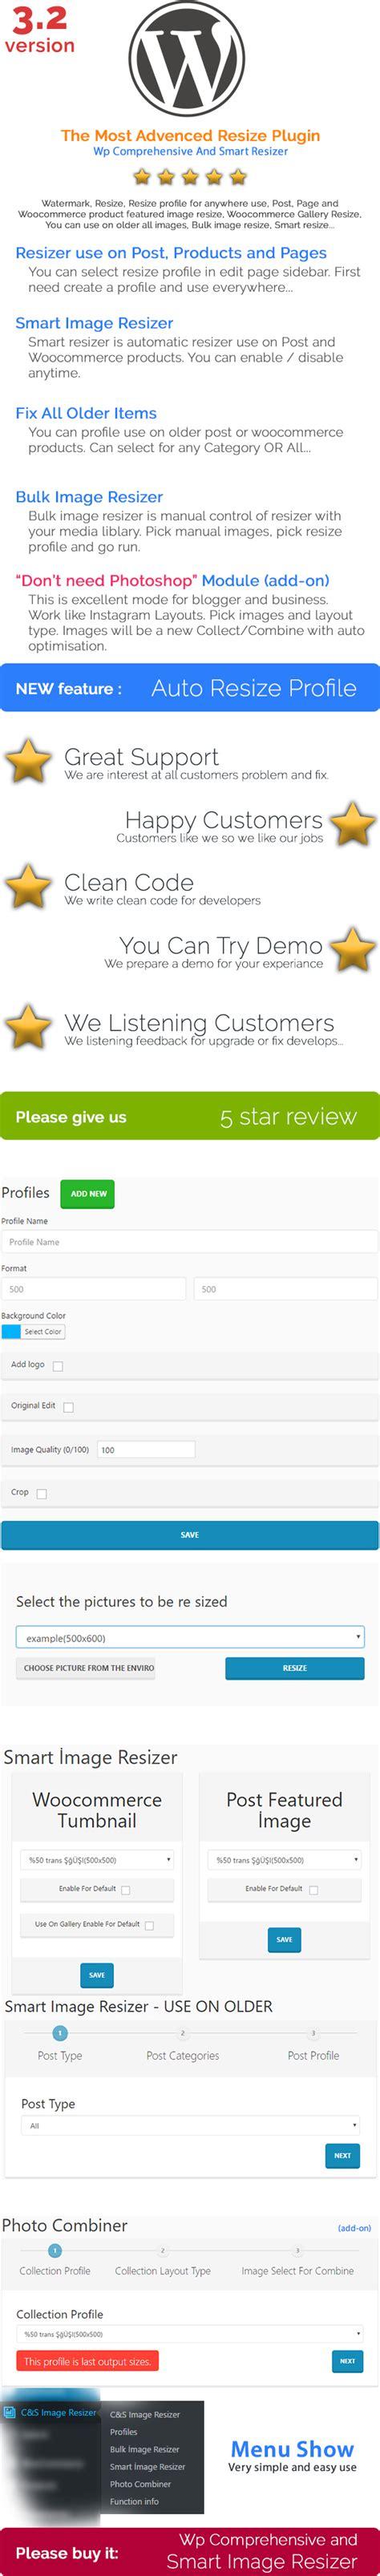 wordpress add layout wp image layout combination add ons free download